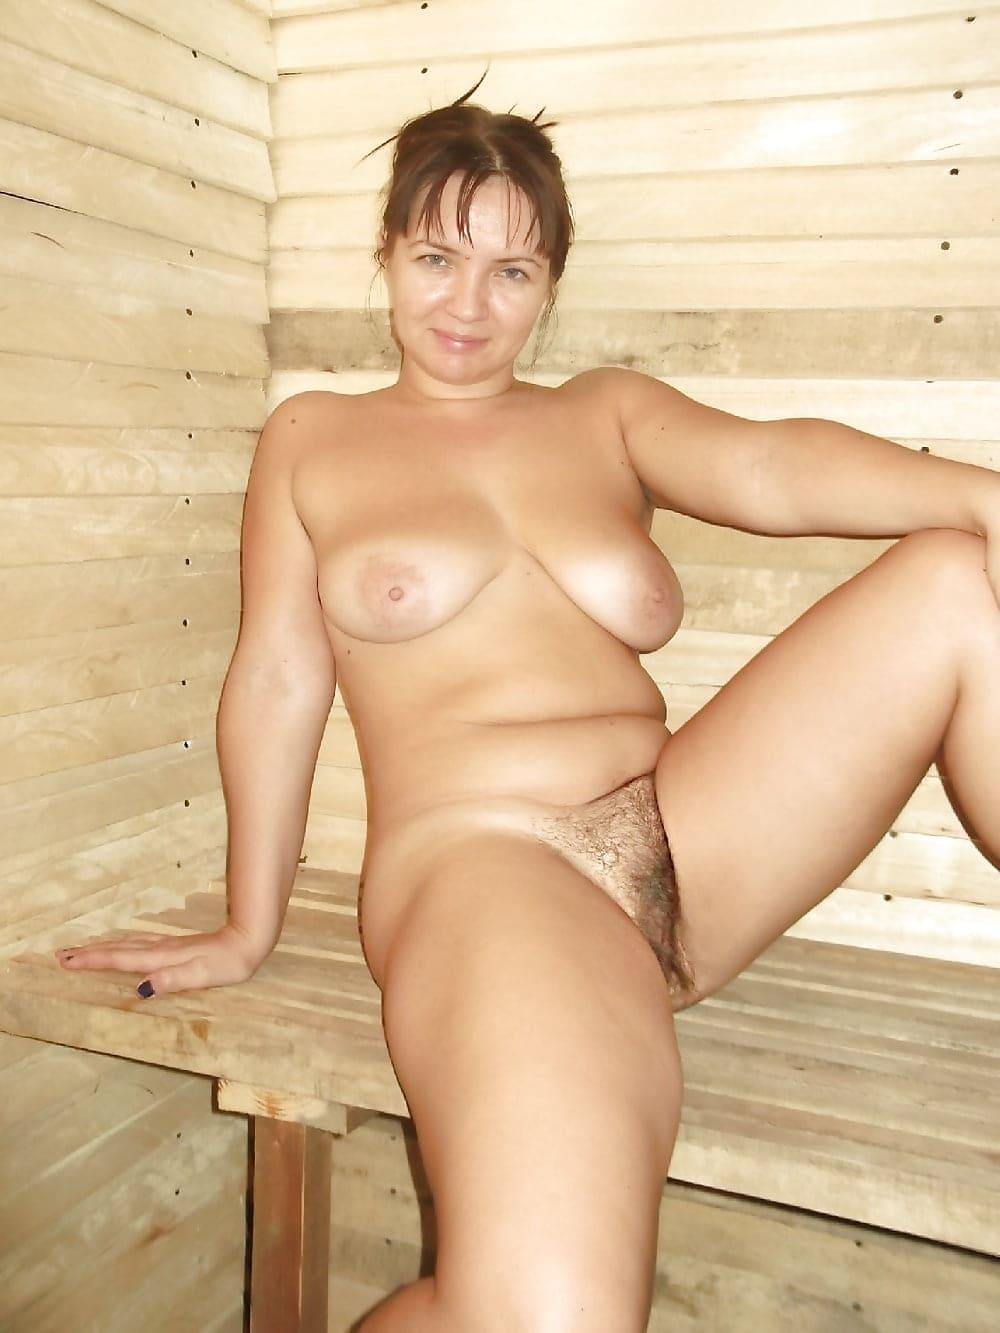 голые бабы в бане сидит на деревянной скамейке подняв левую ногу и раздвинув, показывает свою мохнатую пизду